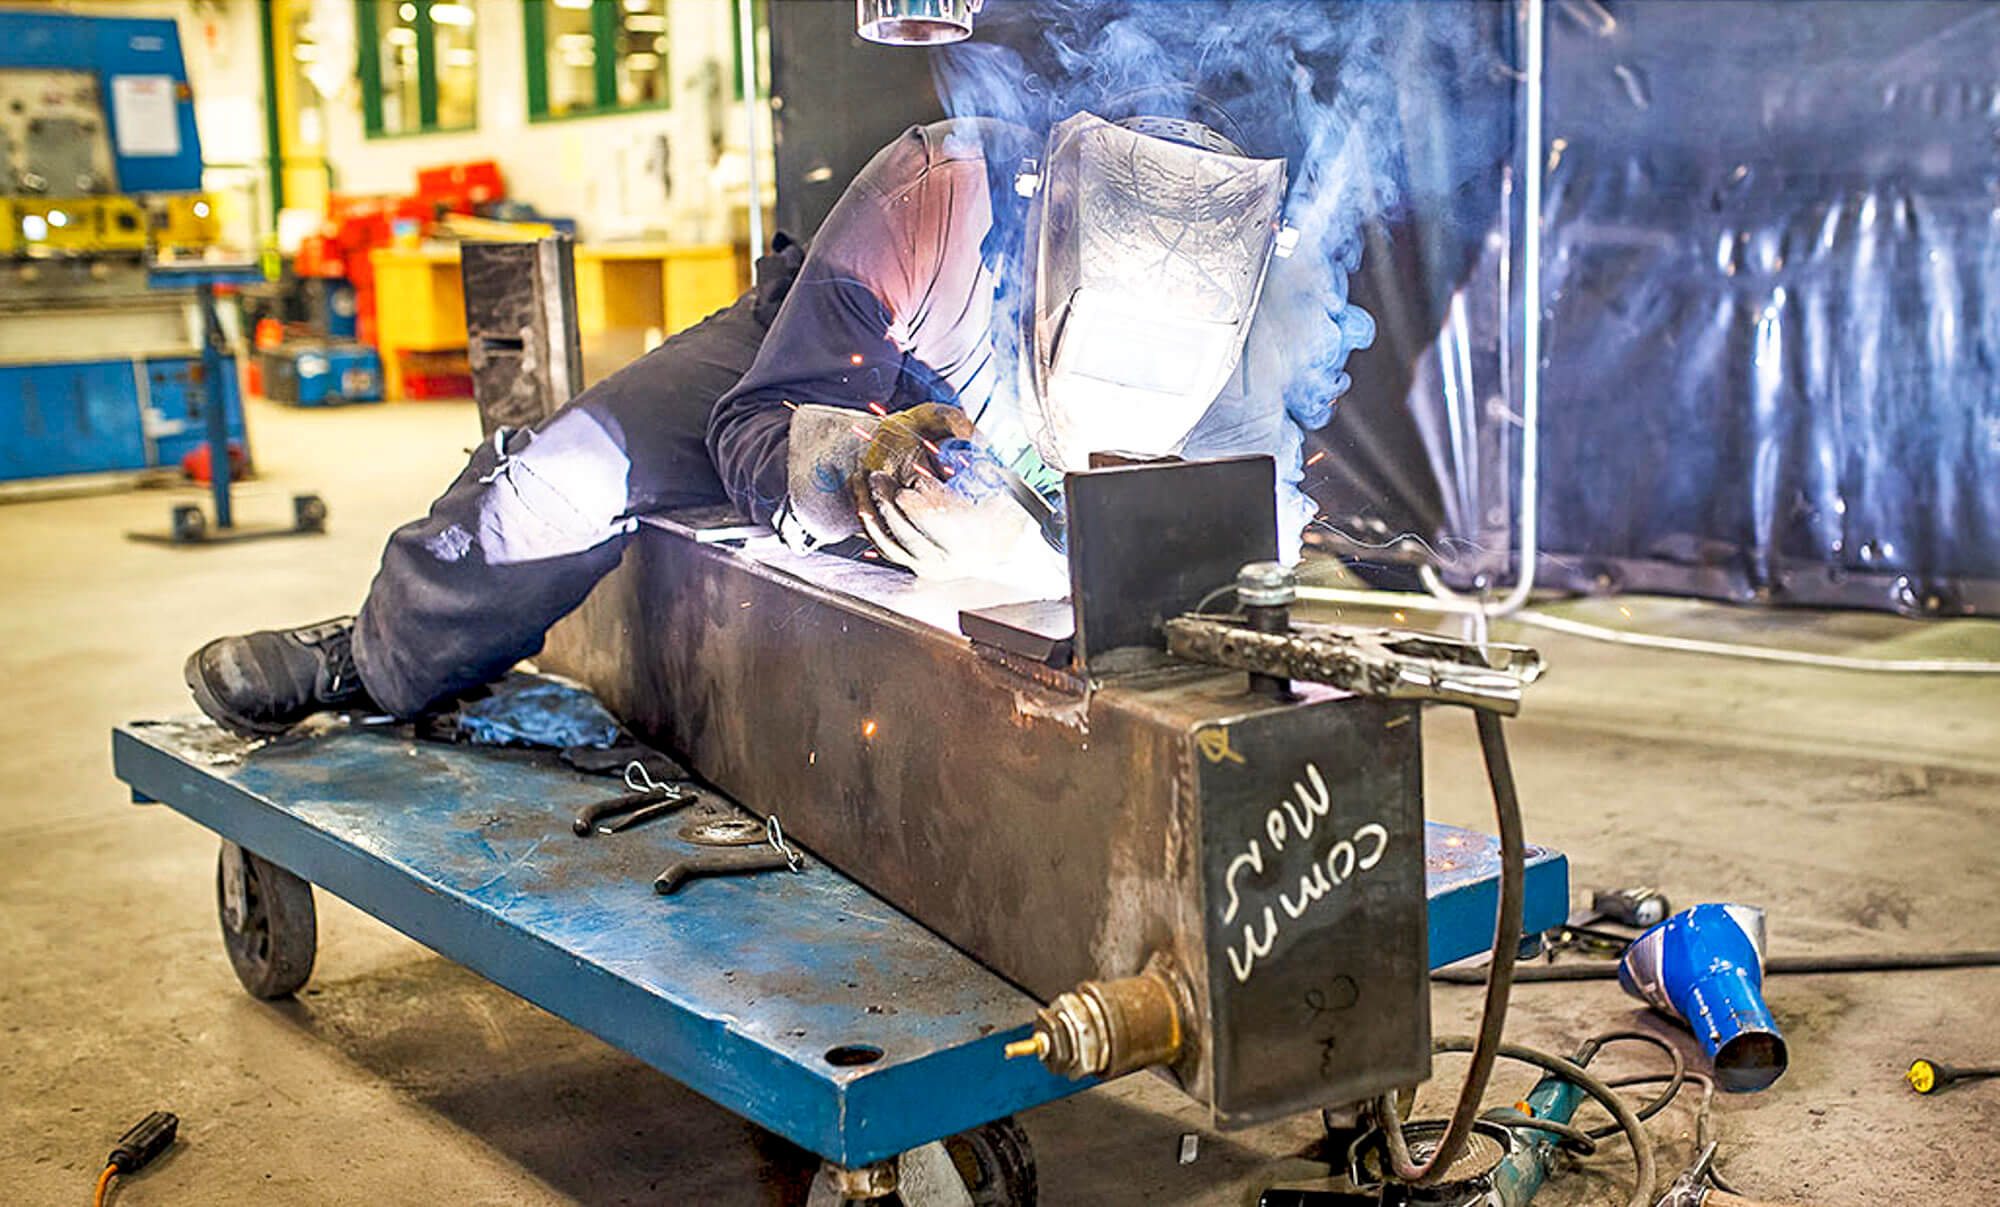 Soudage centre de formation professionnelle Matane CFPRO Matanie travailleurs pénurie de main-d'oeuvre